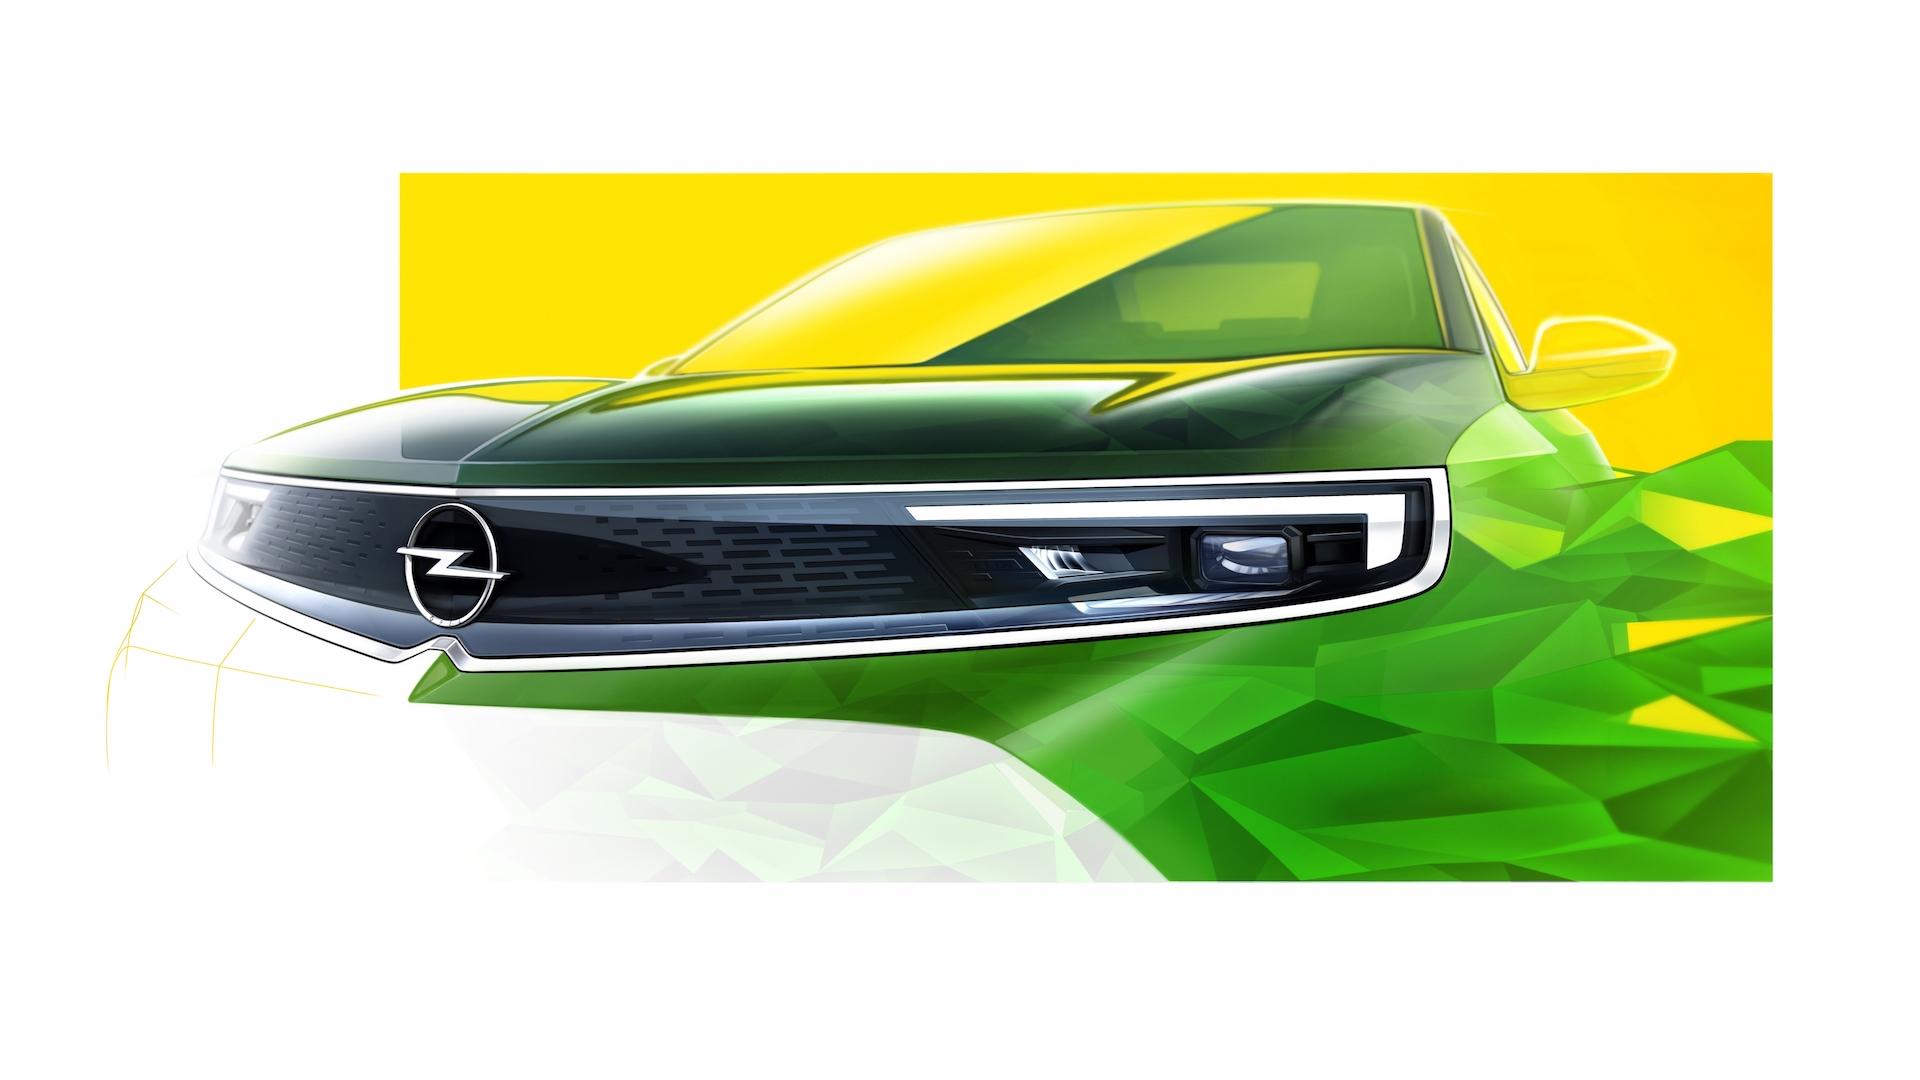 Opel Mokka Teaser Frontal 1